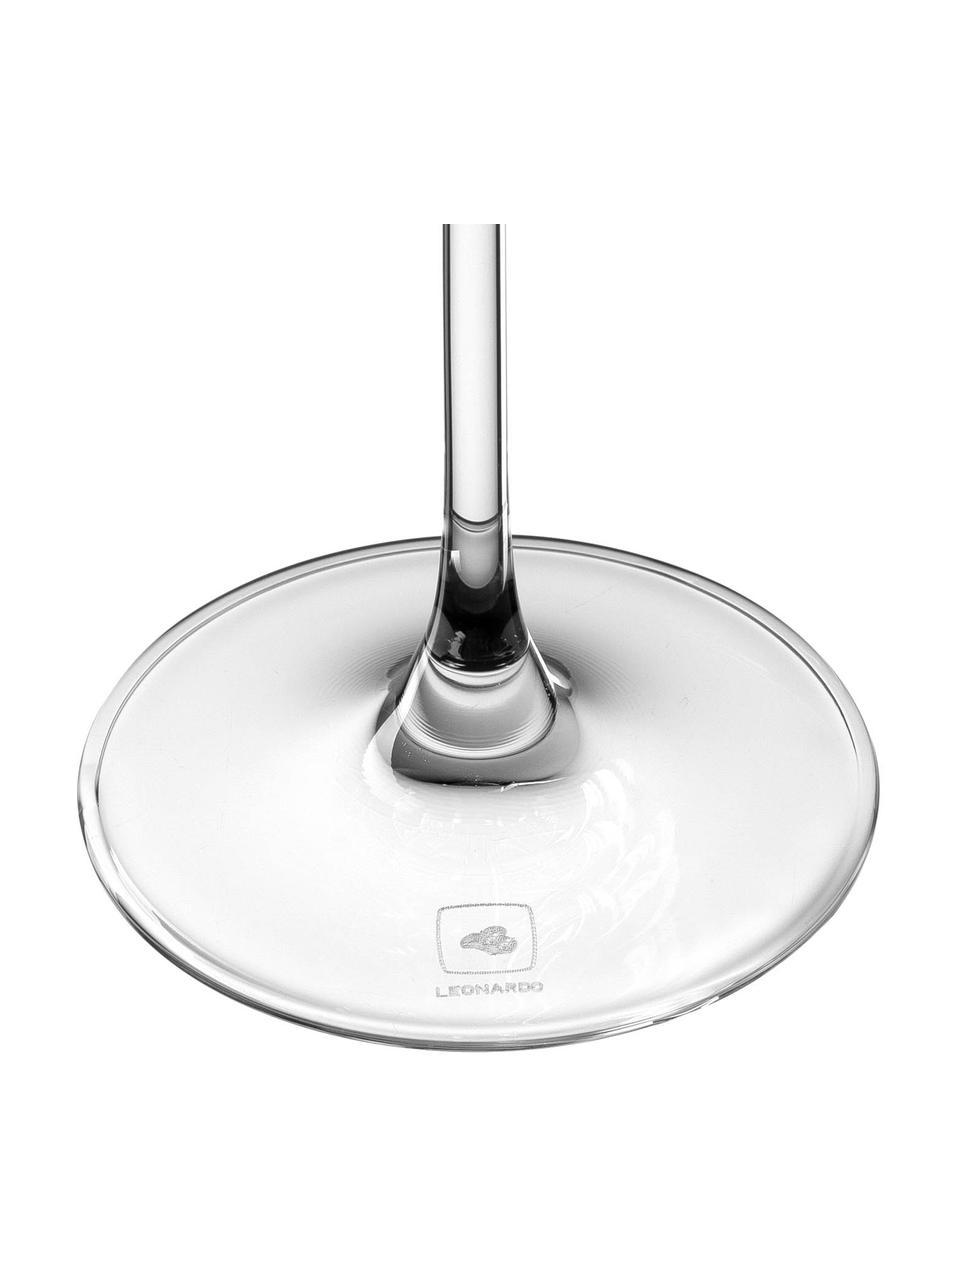 Bicchiere da vino bianco Puccini 6 pz, Vetro di cristallo, Trasparente, Ø 10 x Alt. 24 cm